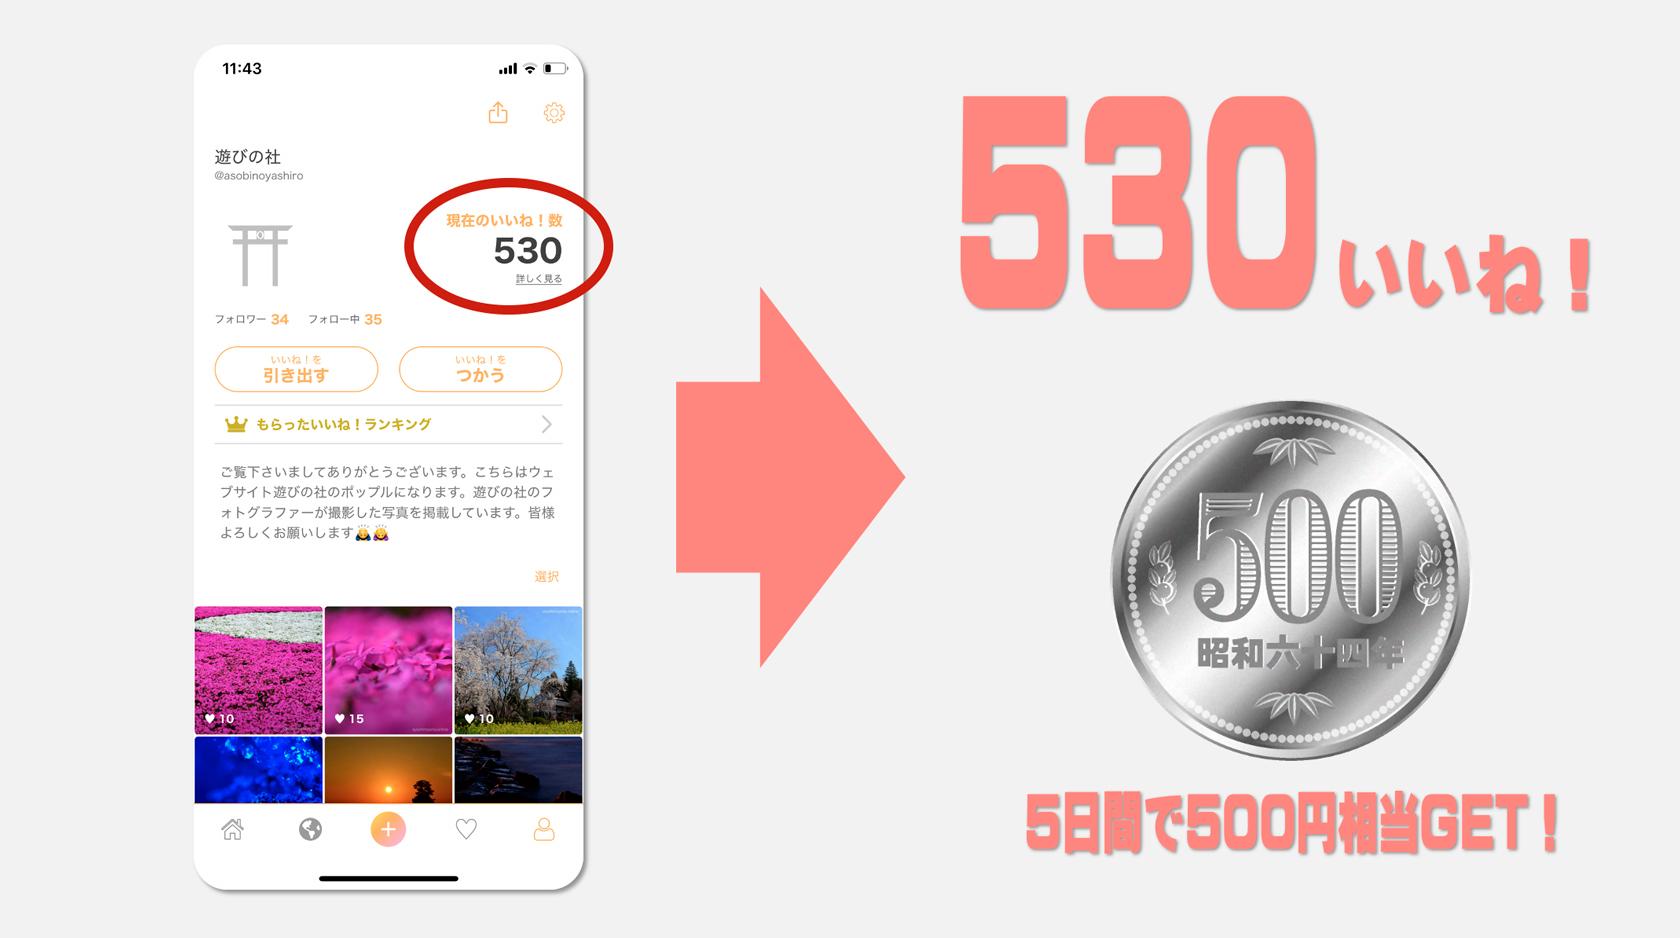 5日間で500円分のいいねをGET!